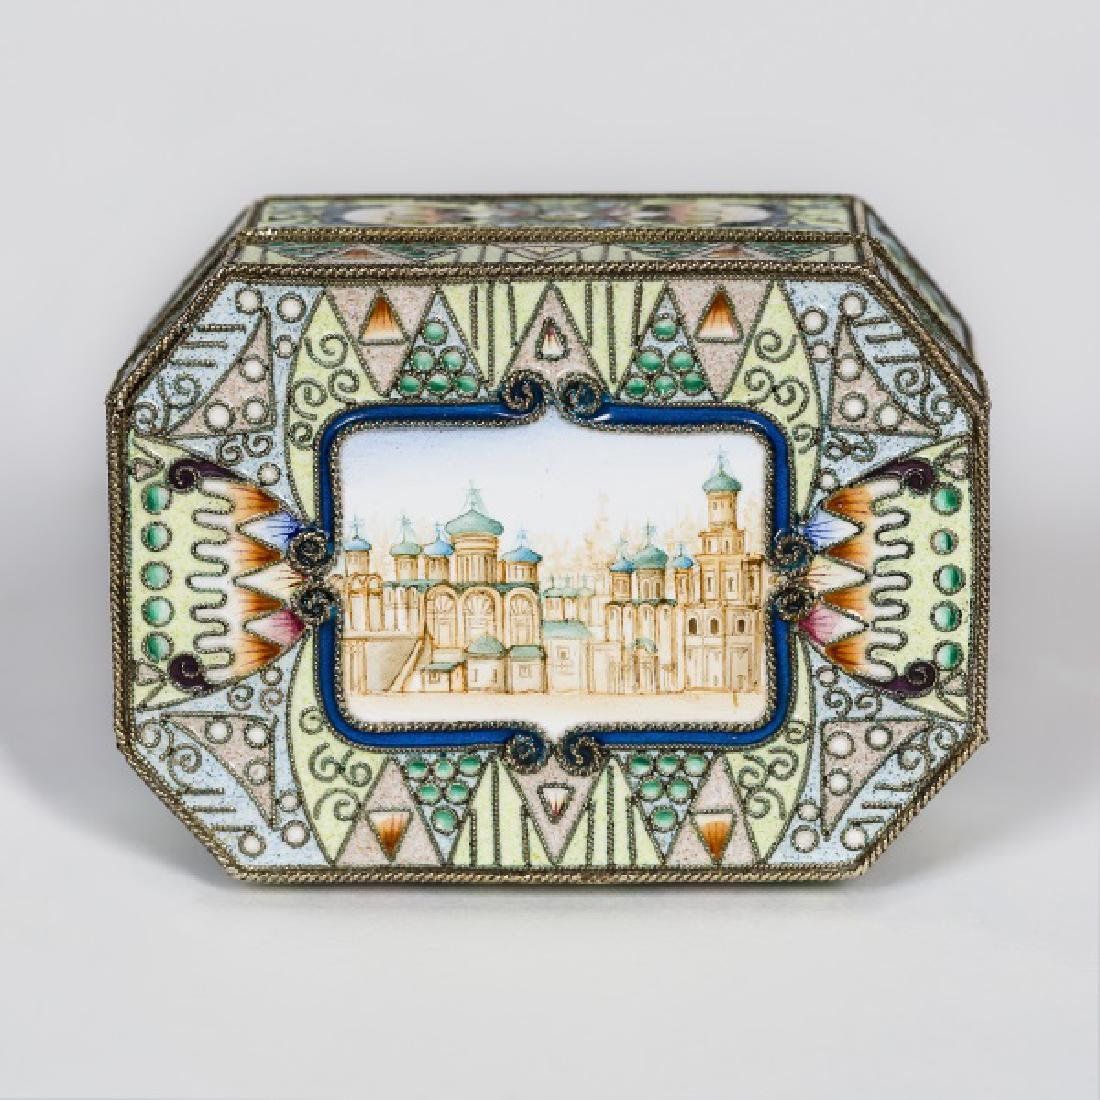 Faberge Silver Gilt Enamel Box, Feodor Ruckert